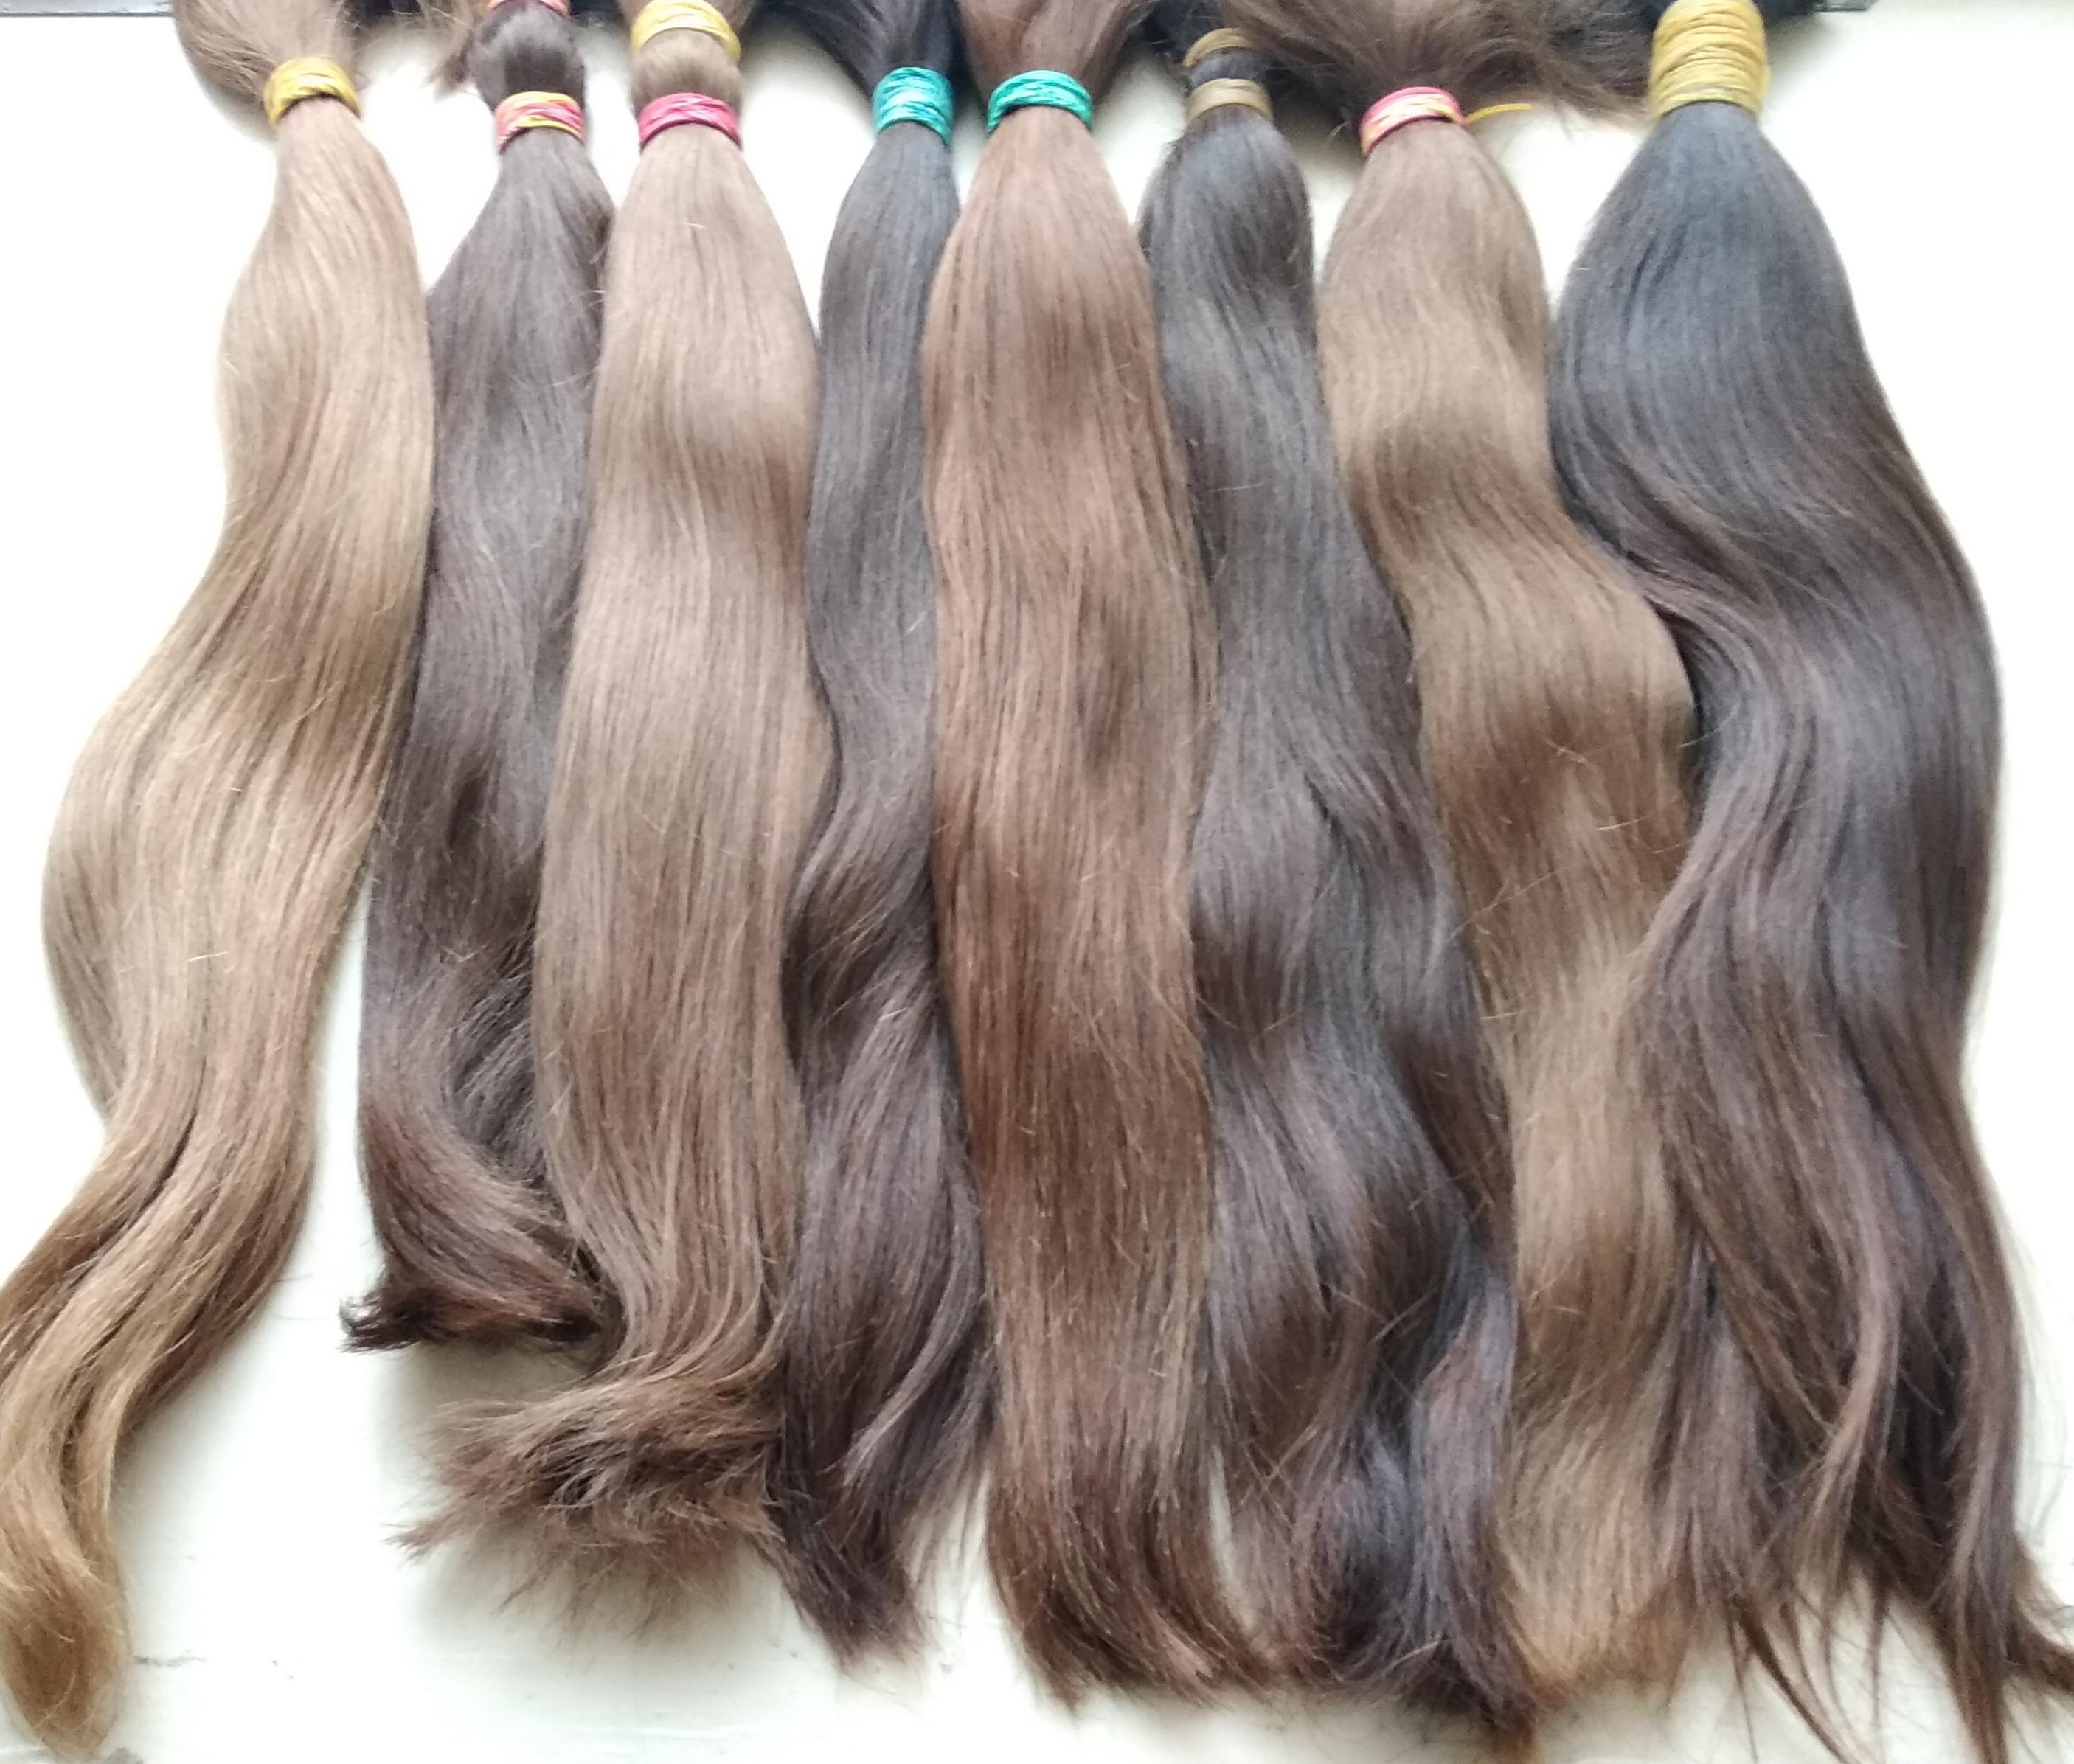 Order 12433 - Batch 1 European Hair